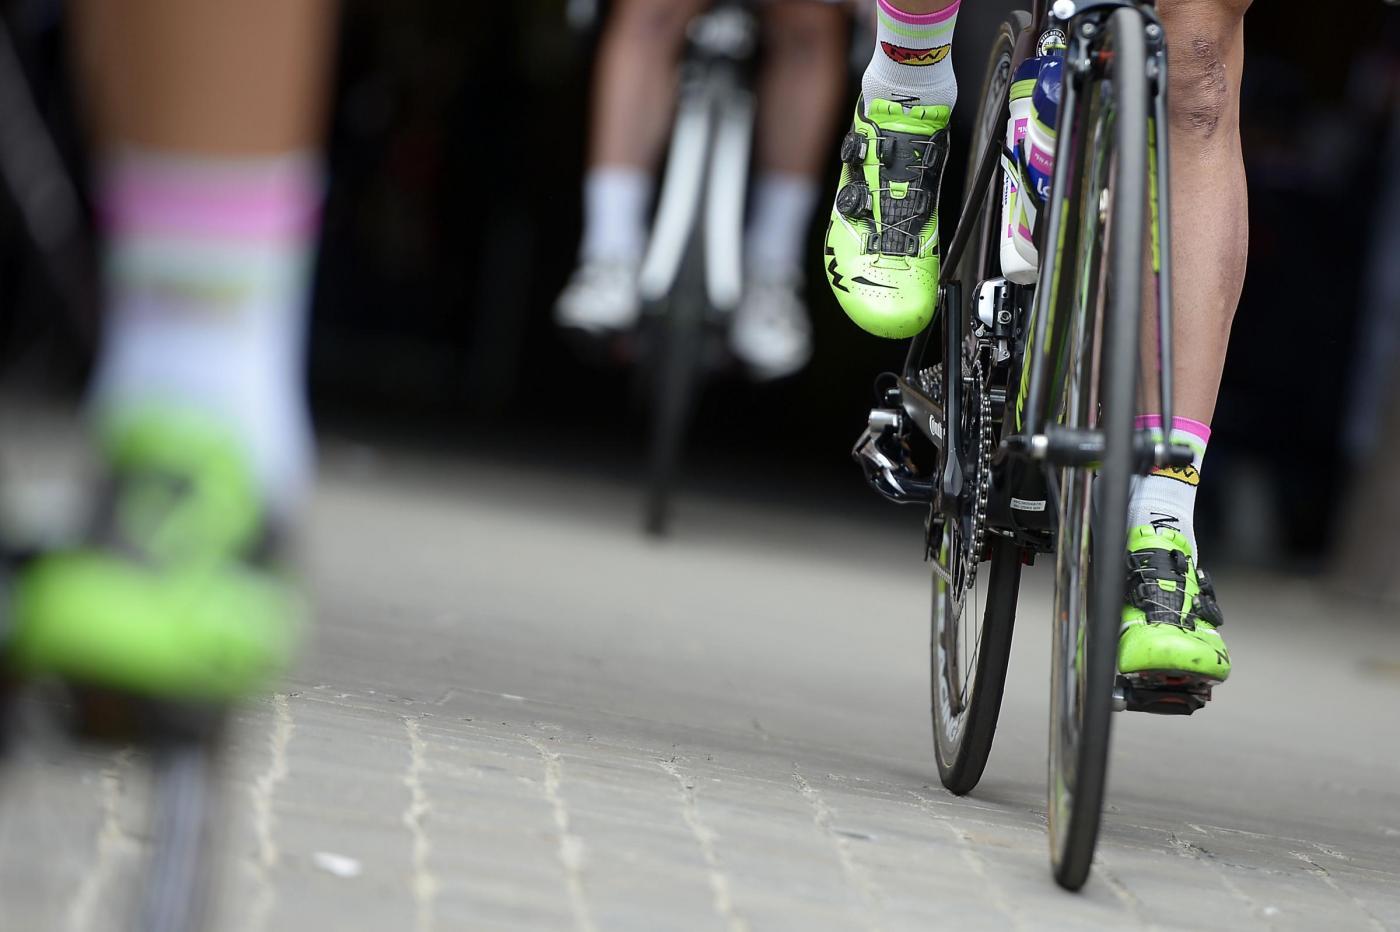 Assicurazione per ciclisti: una novità che riguarda oltre 6,5 milioni di italiani